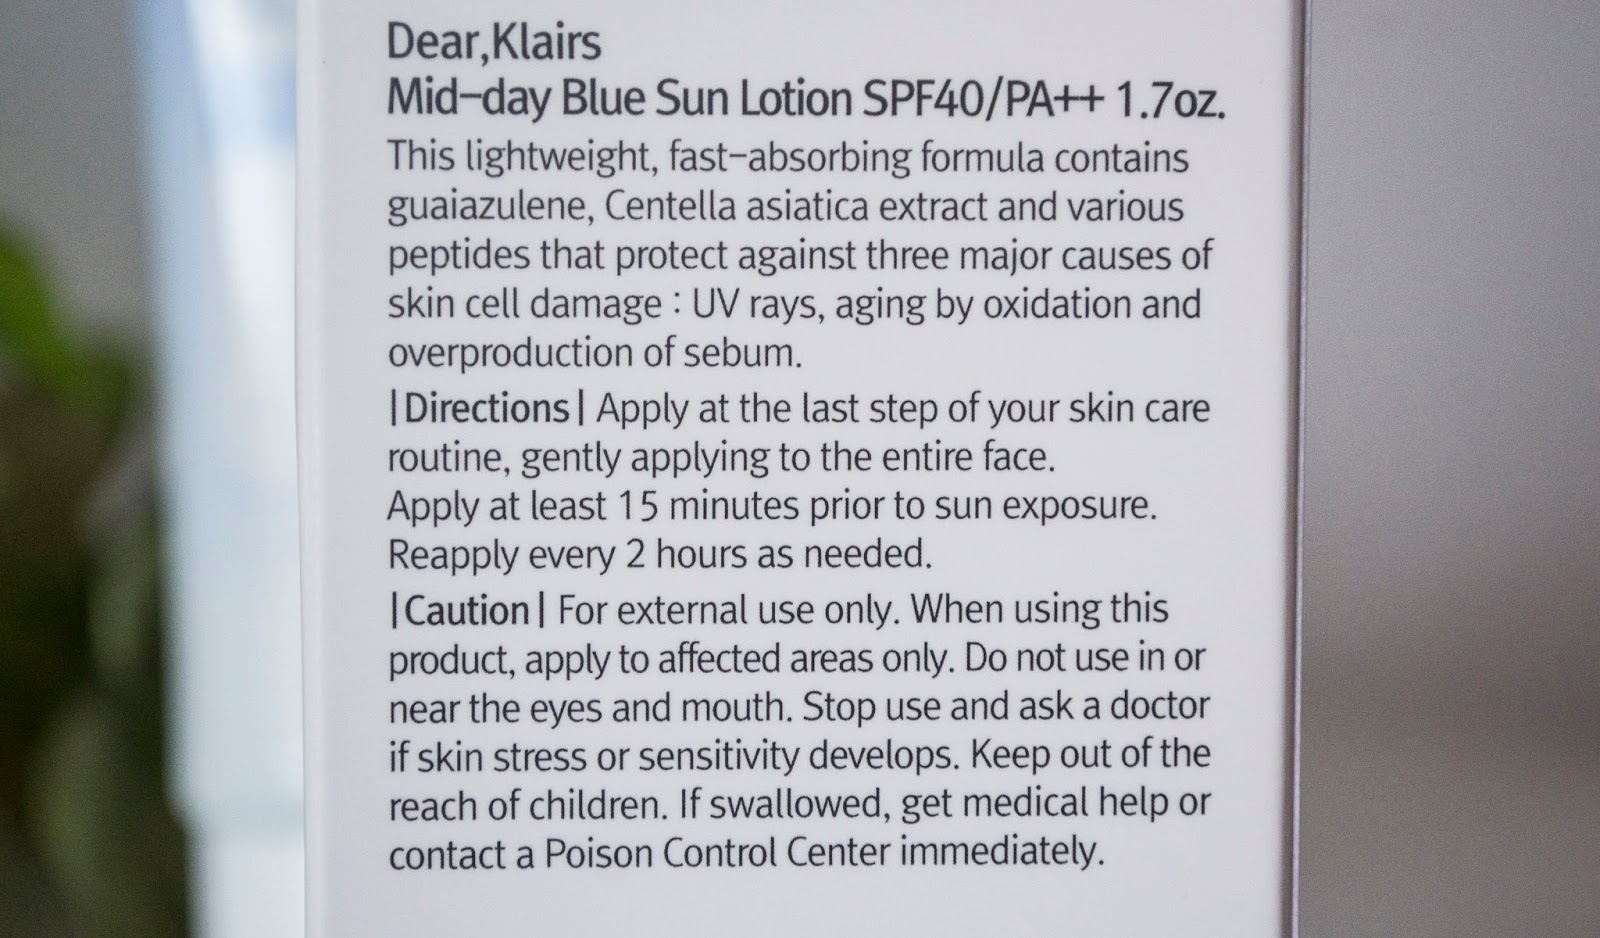 Información general mid-day sun lotion de Klairs